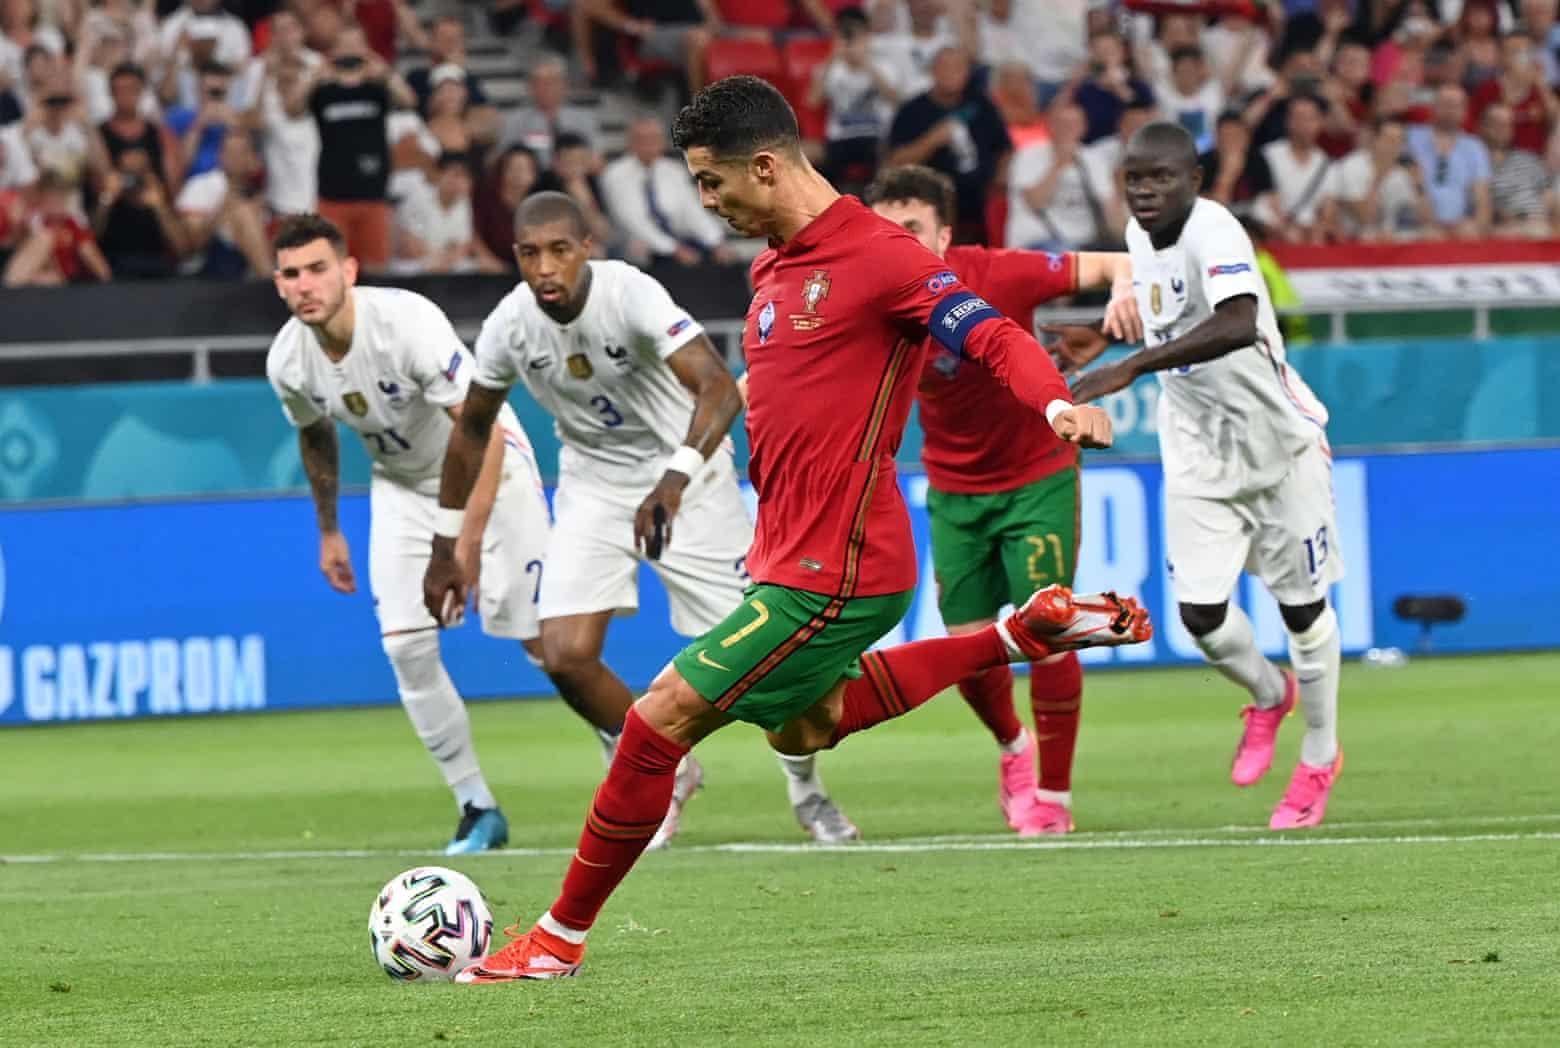 Soi kèo Bỉ vs Bồ Đào Nha, 02h00 ngày 28/6 - VCK Euro 2021